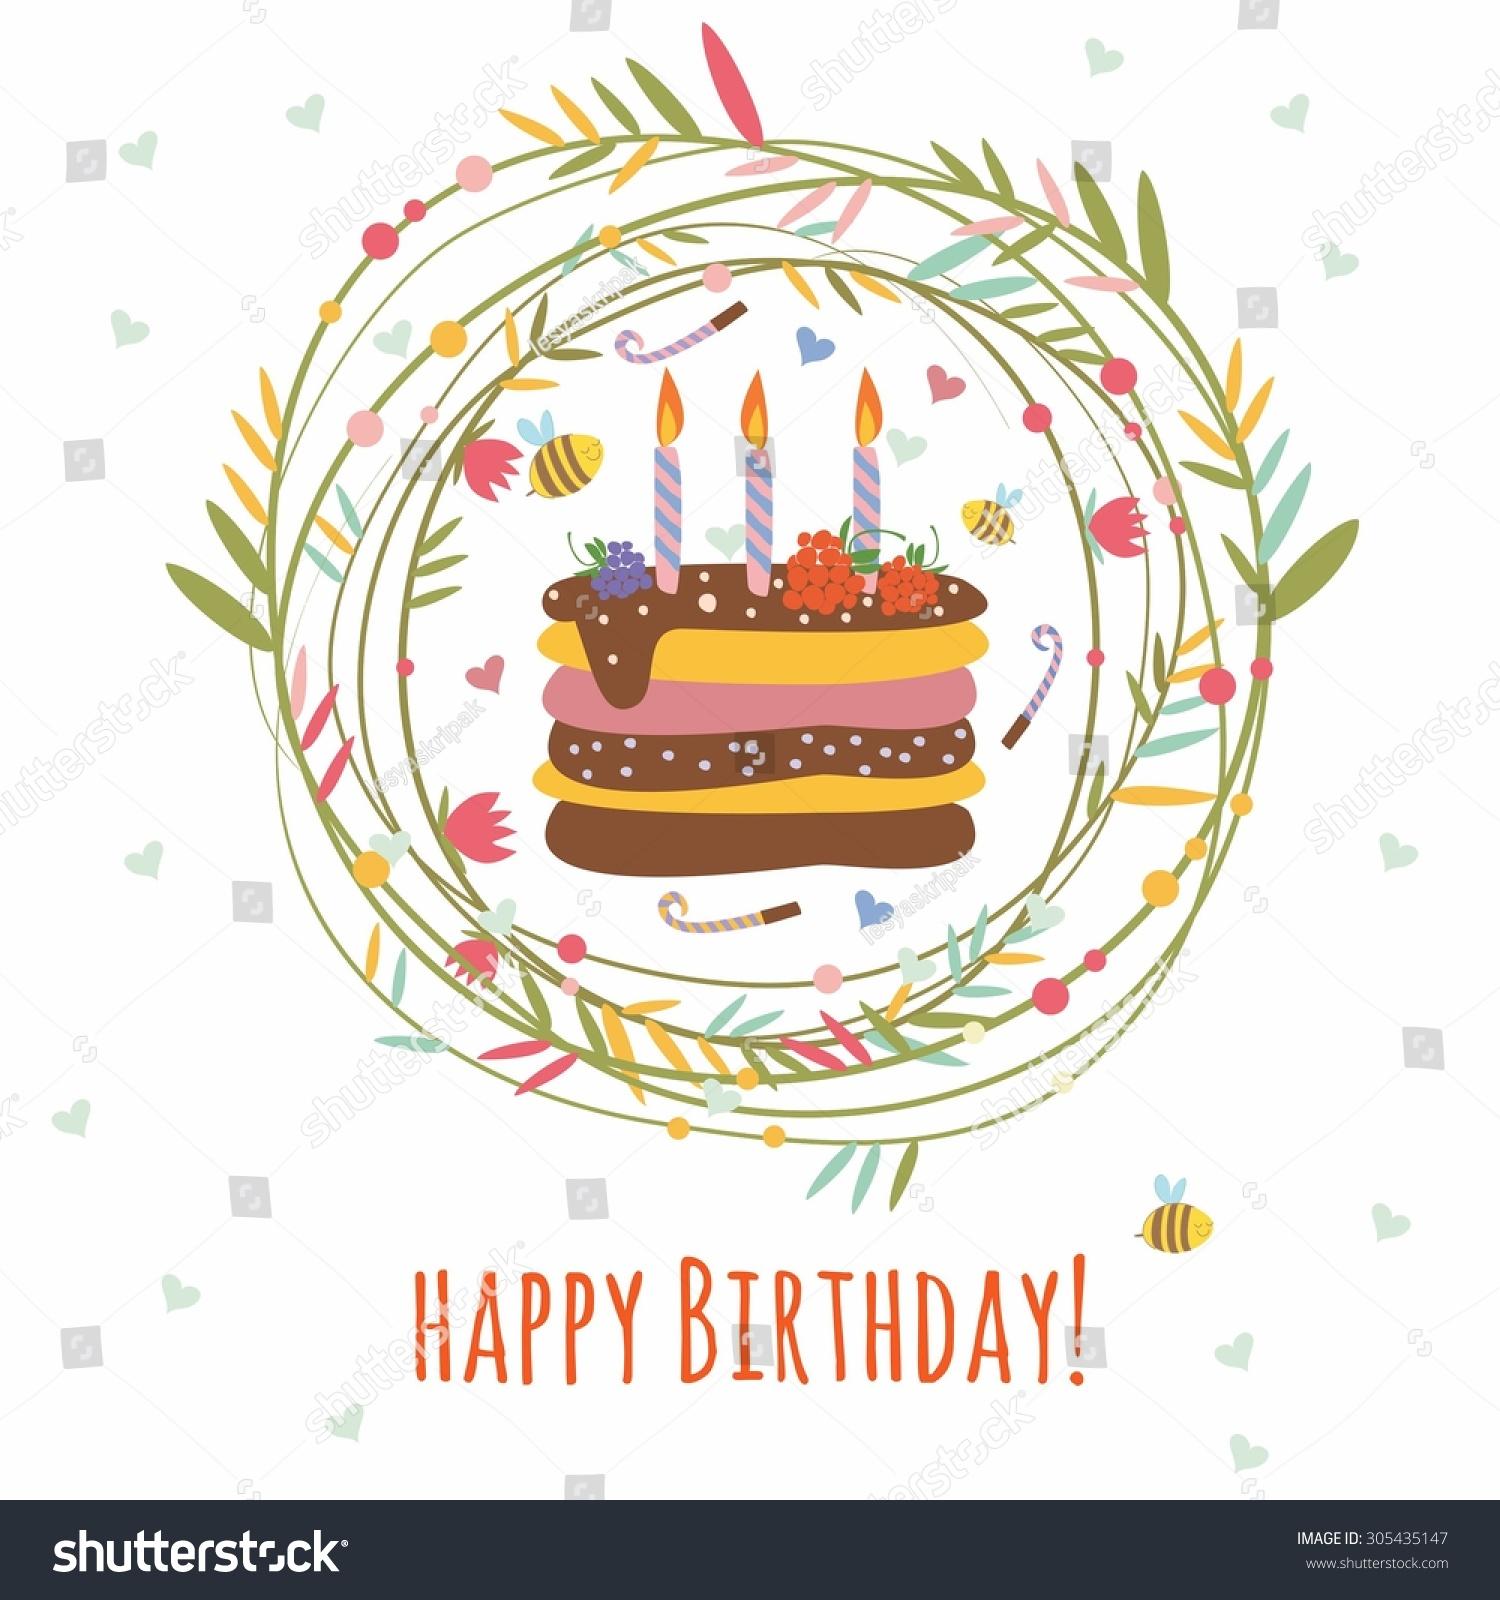 Happy Birthday Vishu Cake Pics Naturallycurlye Com